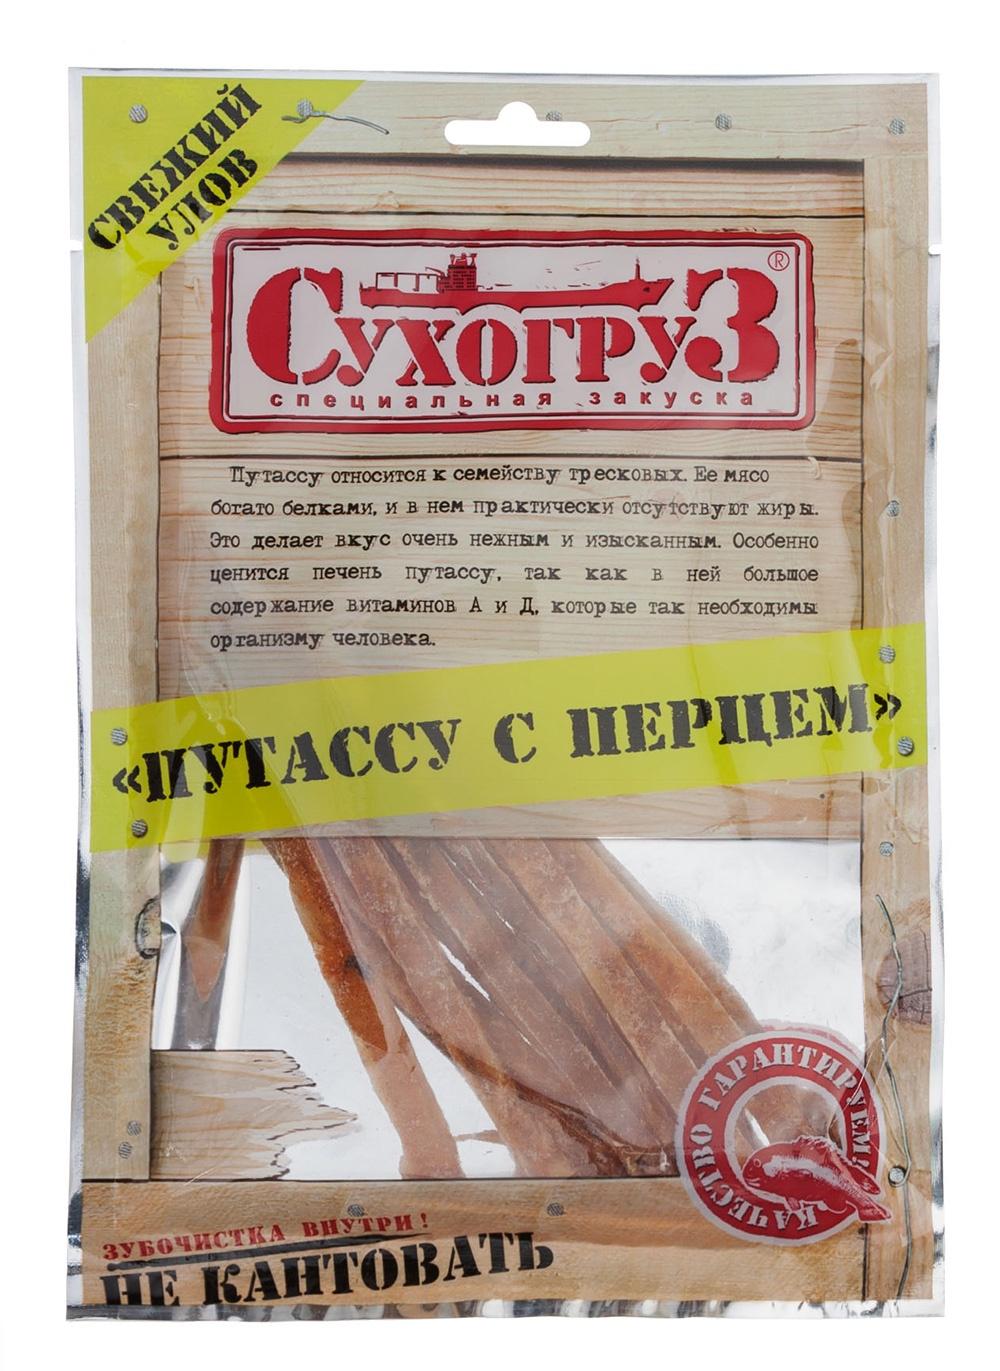 Сушеная рыба Сухогруз Путассу с перцем, 70 г.